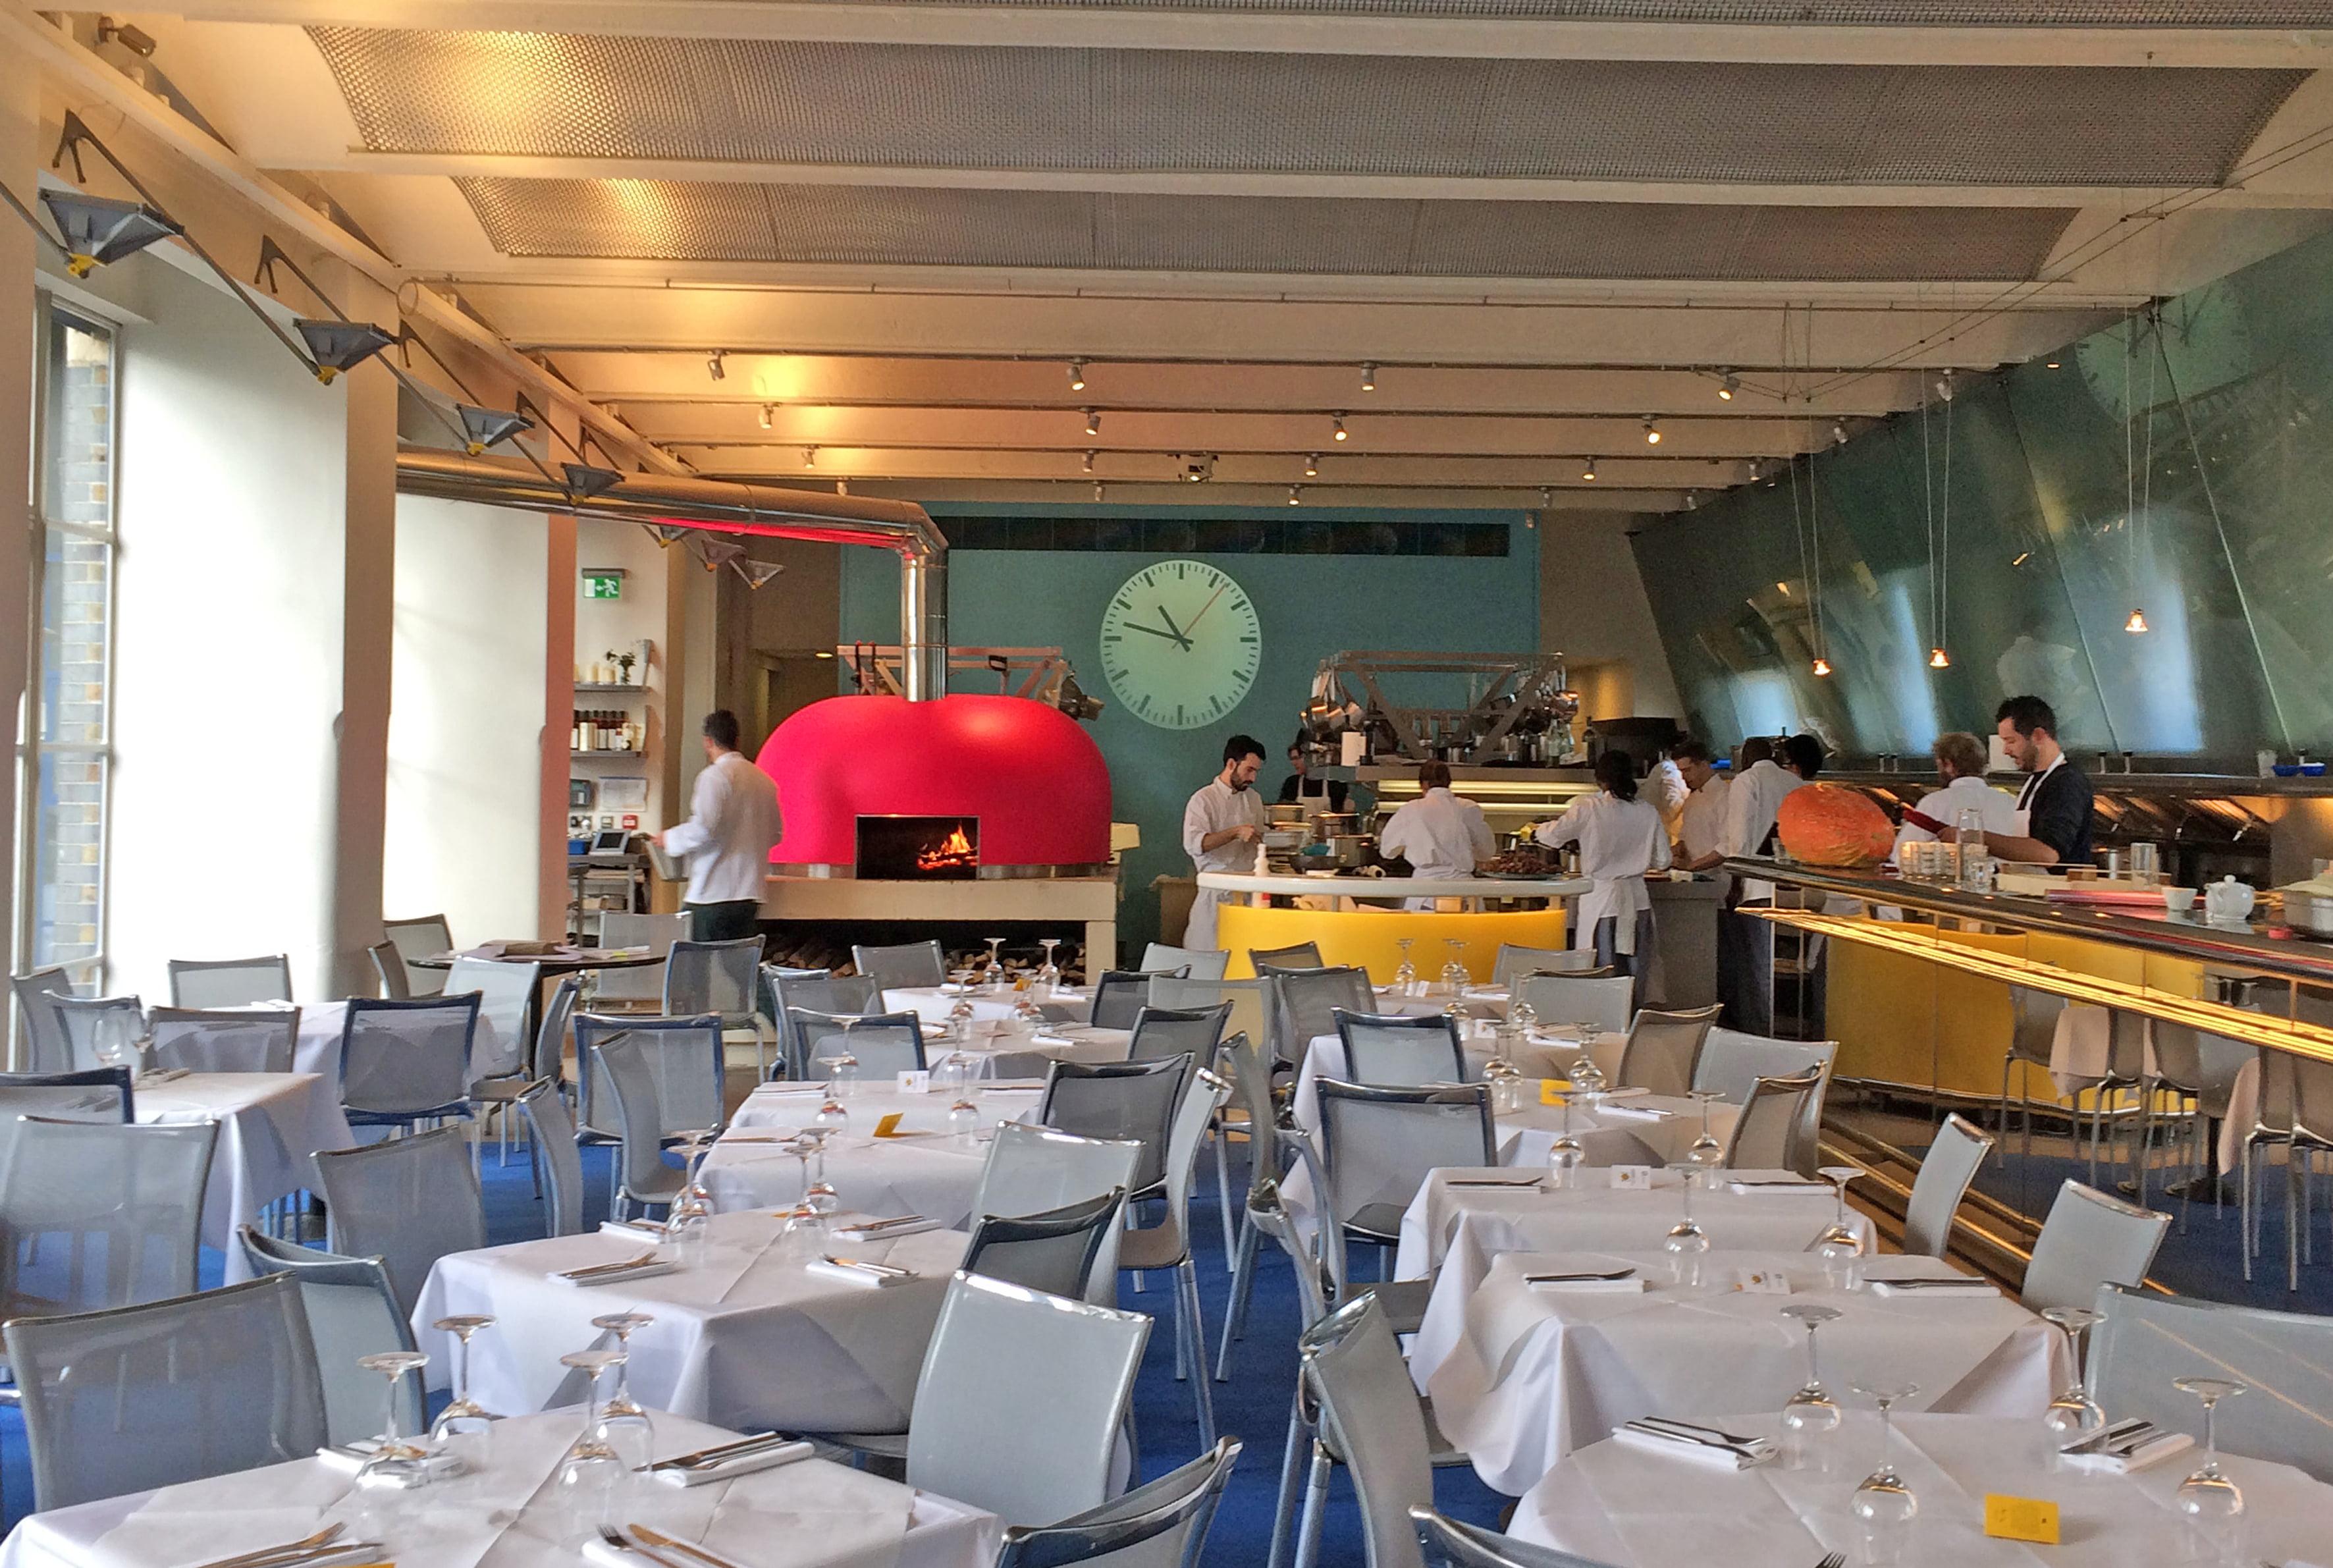 Restaurante River Cafe - Onde comer e beber em Londres